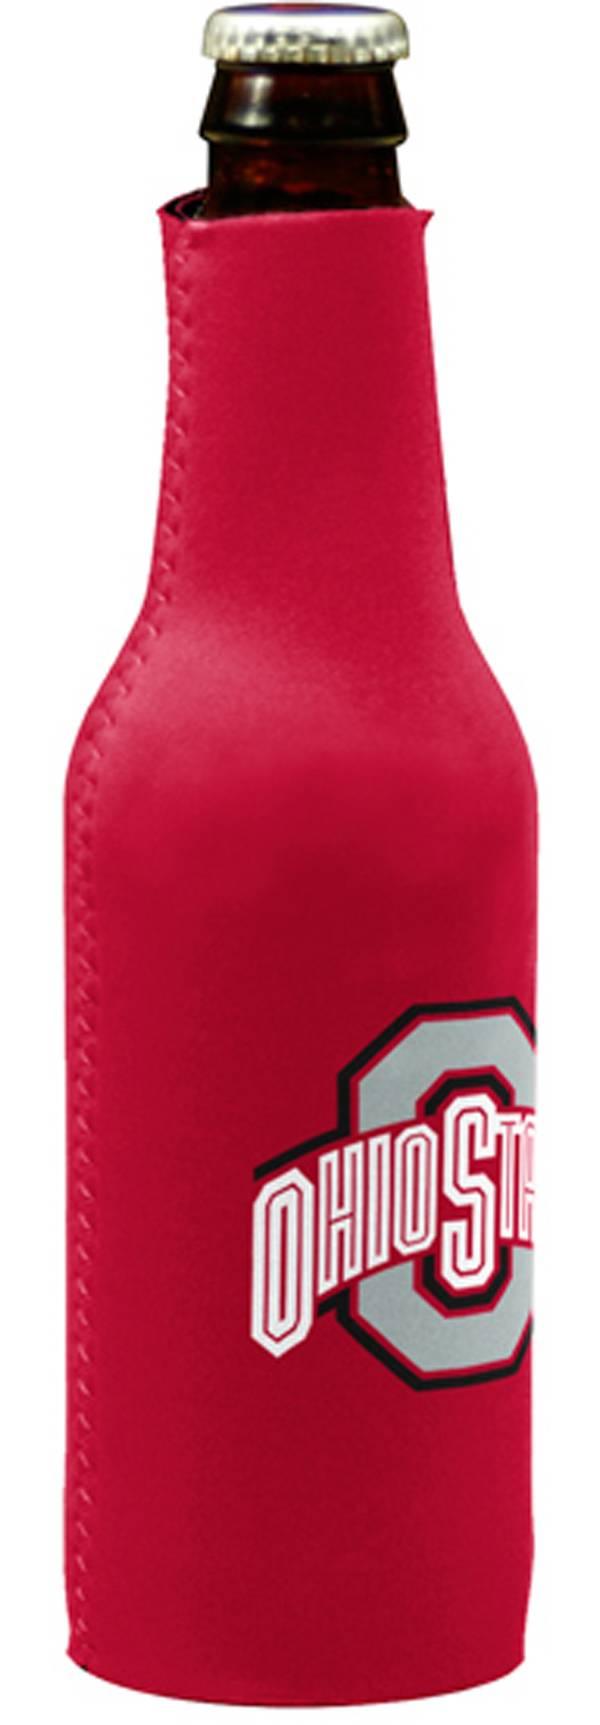 Ohio State Buckeyes Bottle Koozie product image